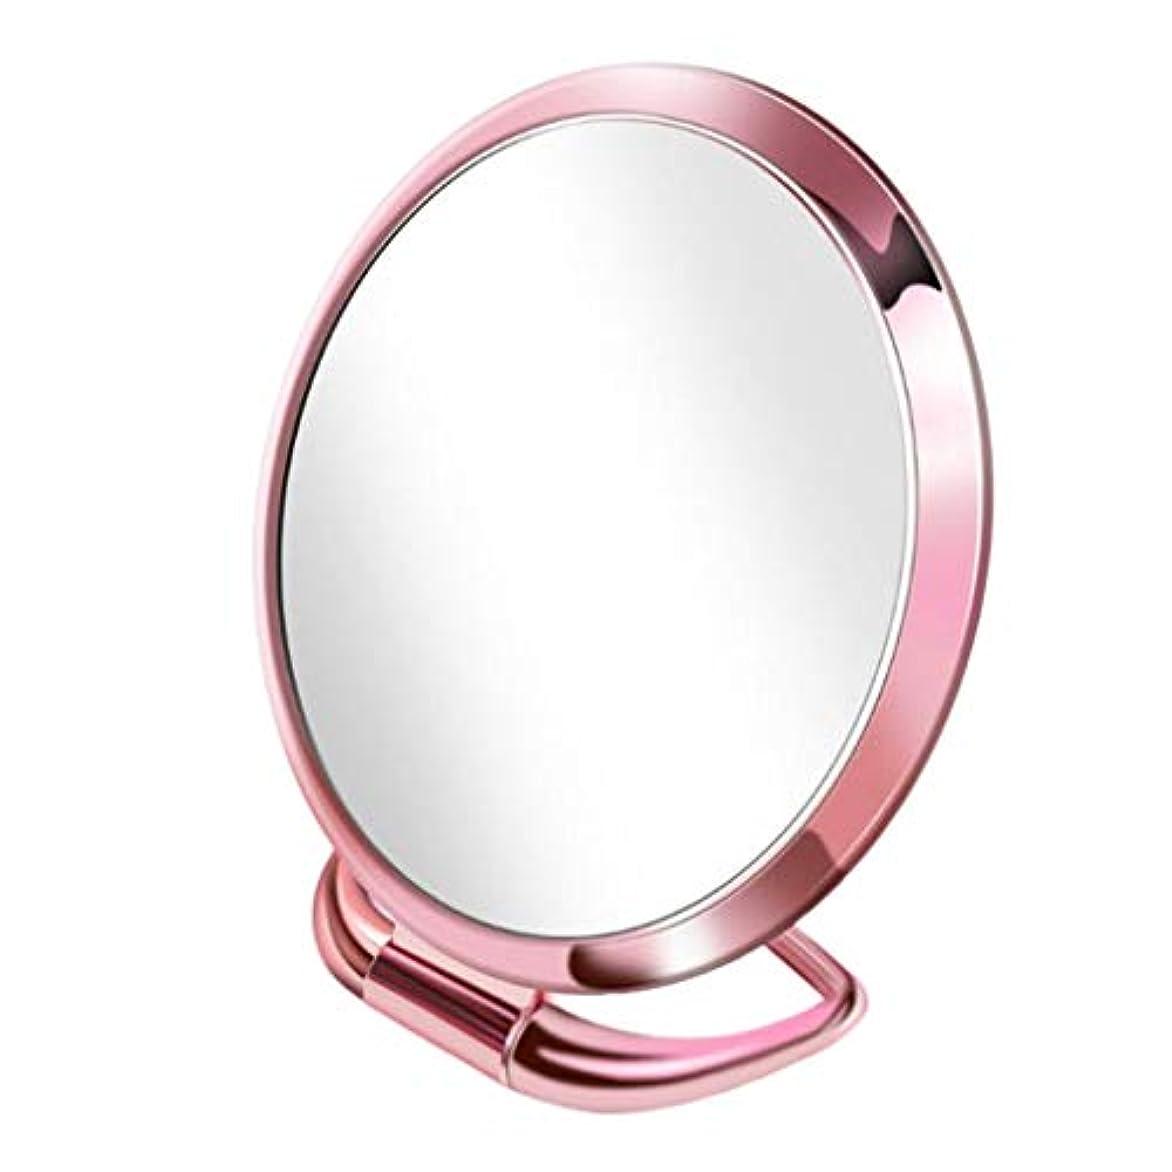 製造うねる報いる化粧鏡 化粧ミラー 卓上ミラー 折りたたみ 携帯用 旅行 自宅 オフィス 3倍拡大 両面鏡 全9種類 - ピンクオーバル